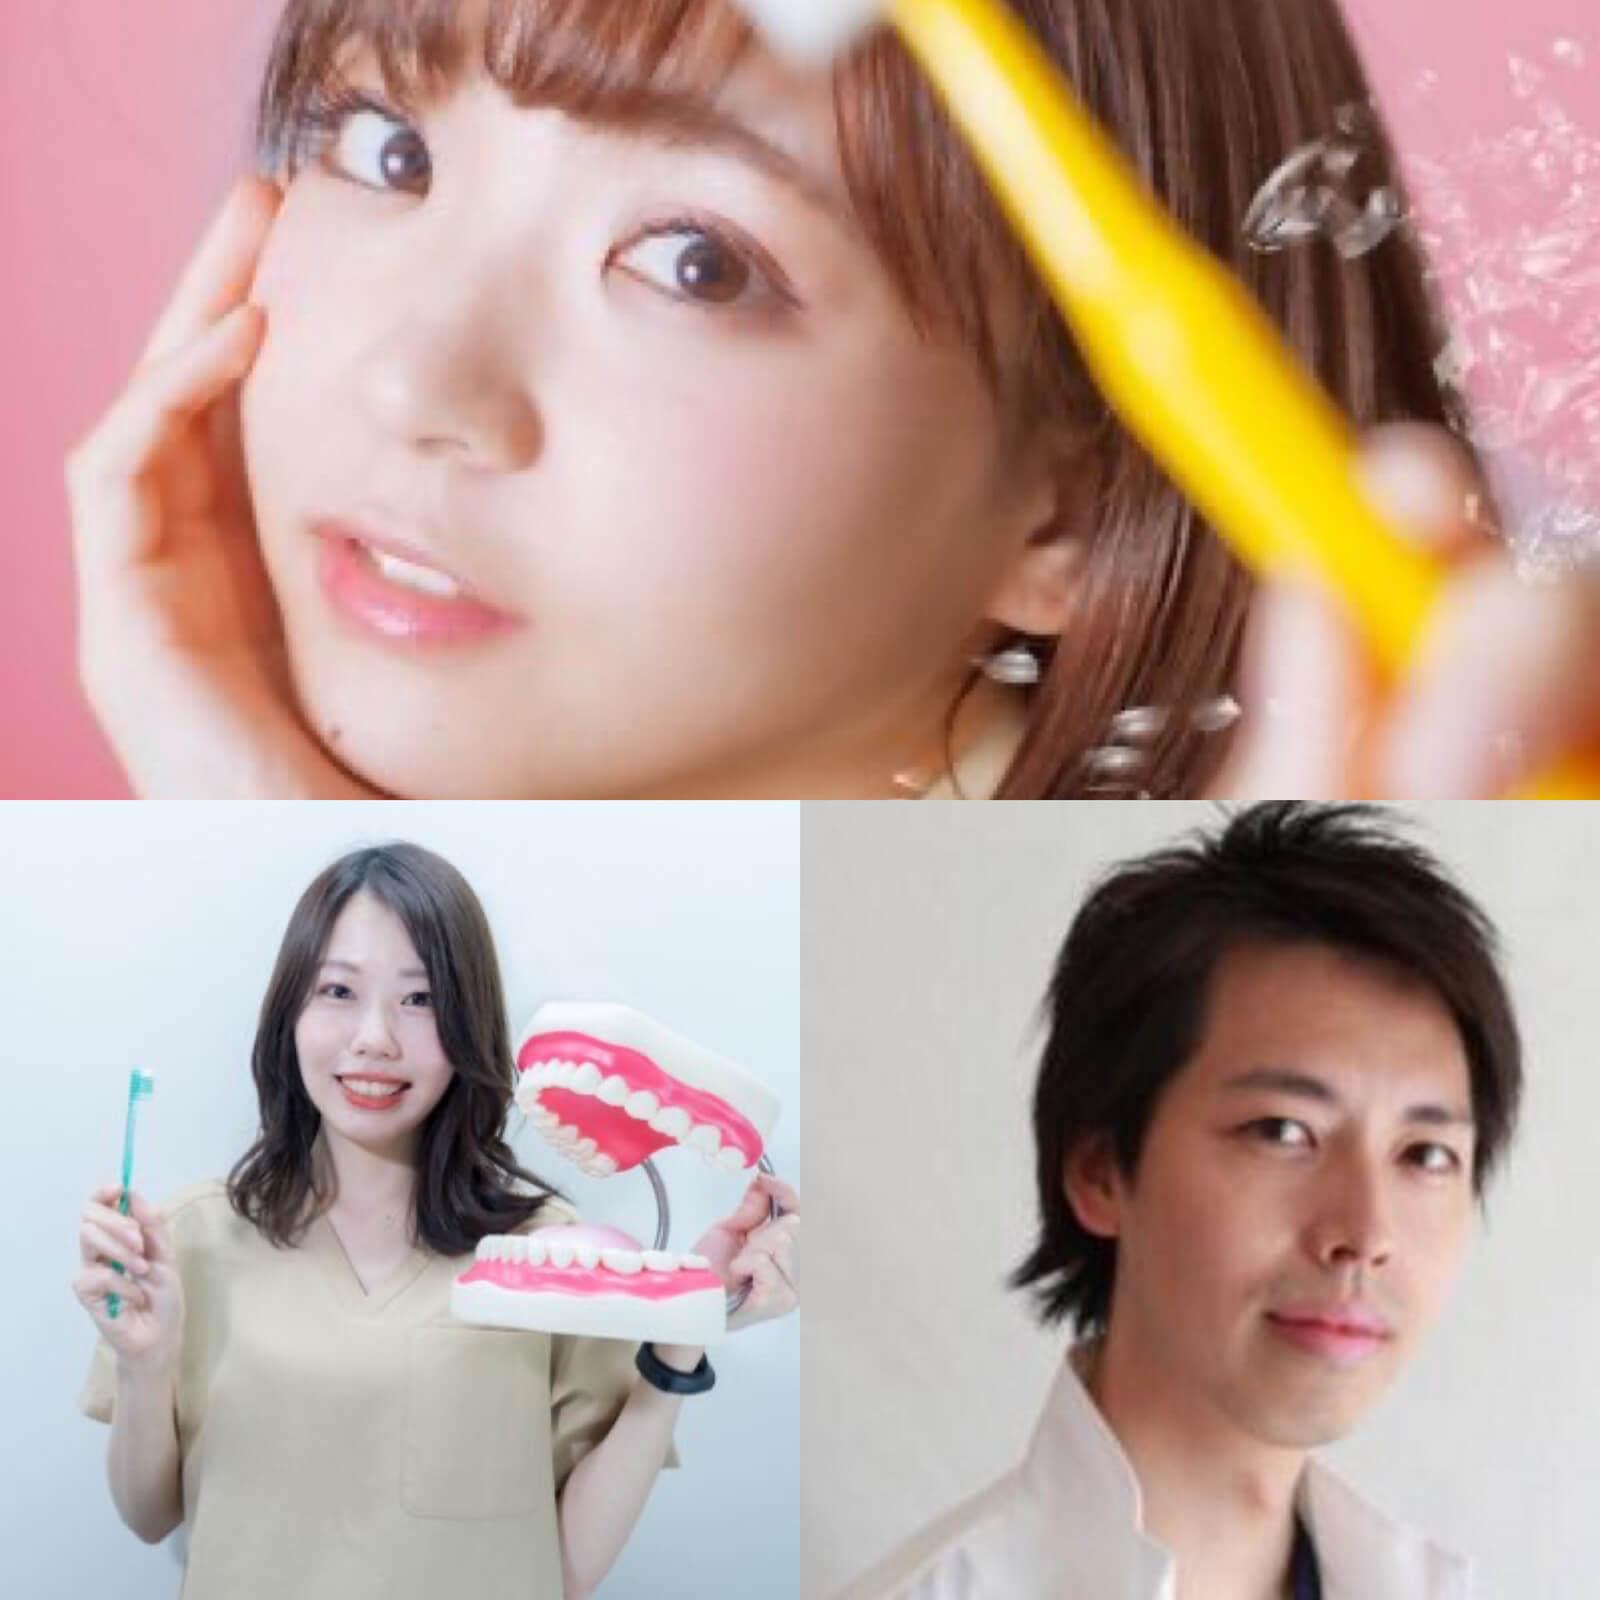 【医療×YouTube】新たな可能性 注目すべき 歯科医師・歯科衛生士YouTuber 3選